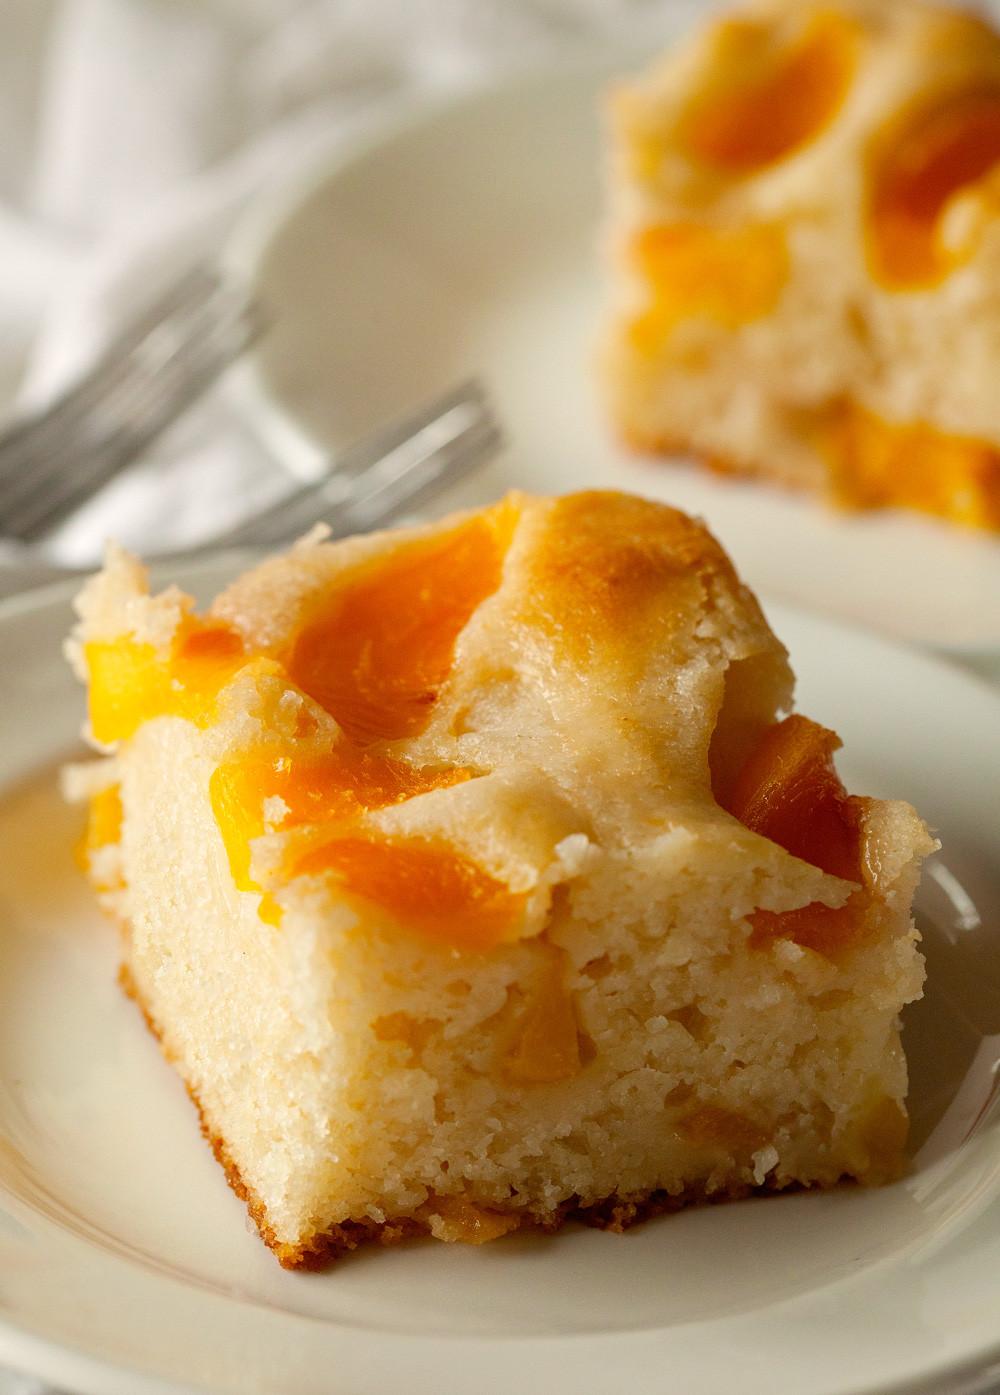 Peach Desserts Recipes  Peach Cobbler Snack Cake